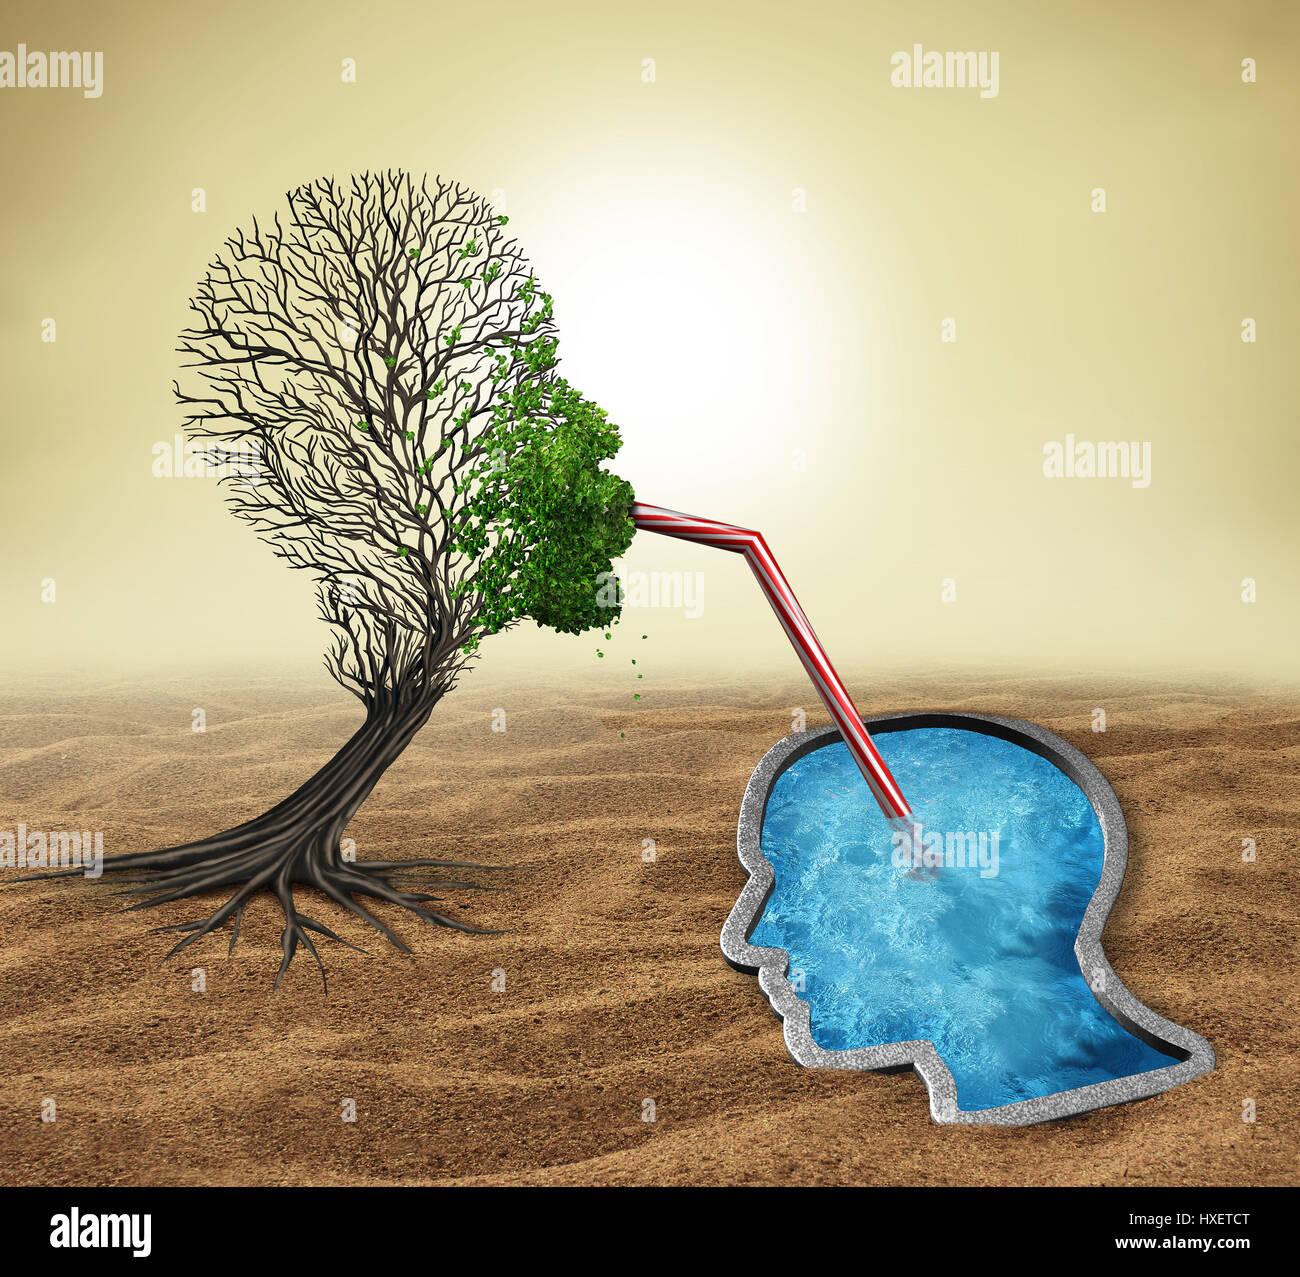 Psicología tratamiento y asistencia en materia de salud mental como un árbol enfermo con forma de cabeza Imagen De Stock